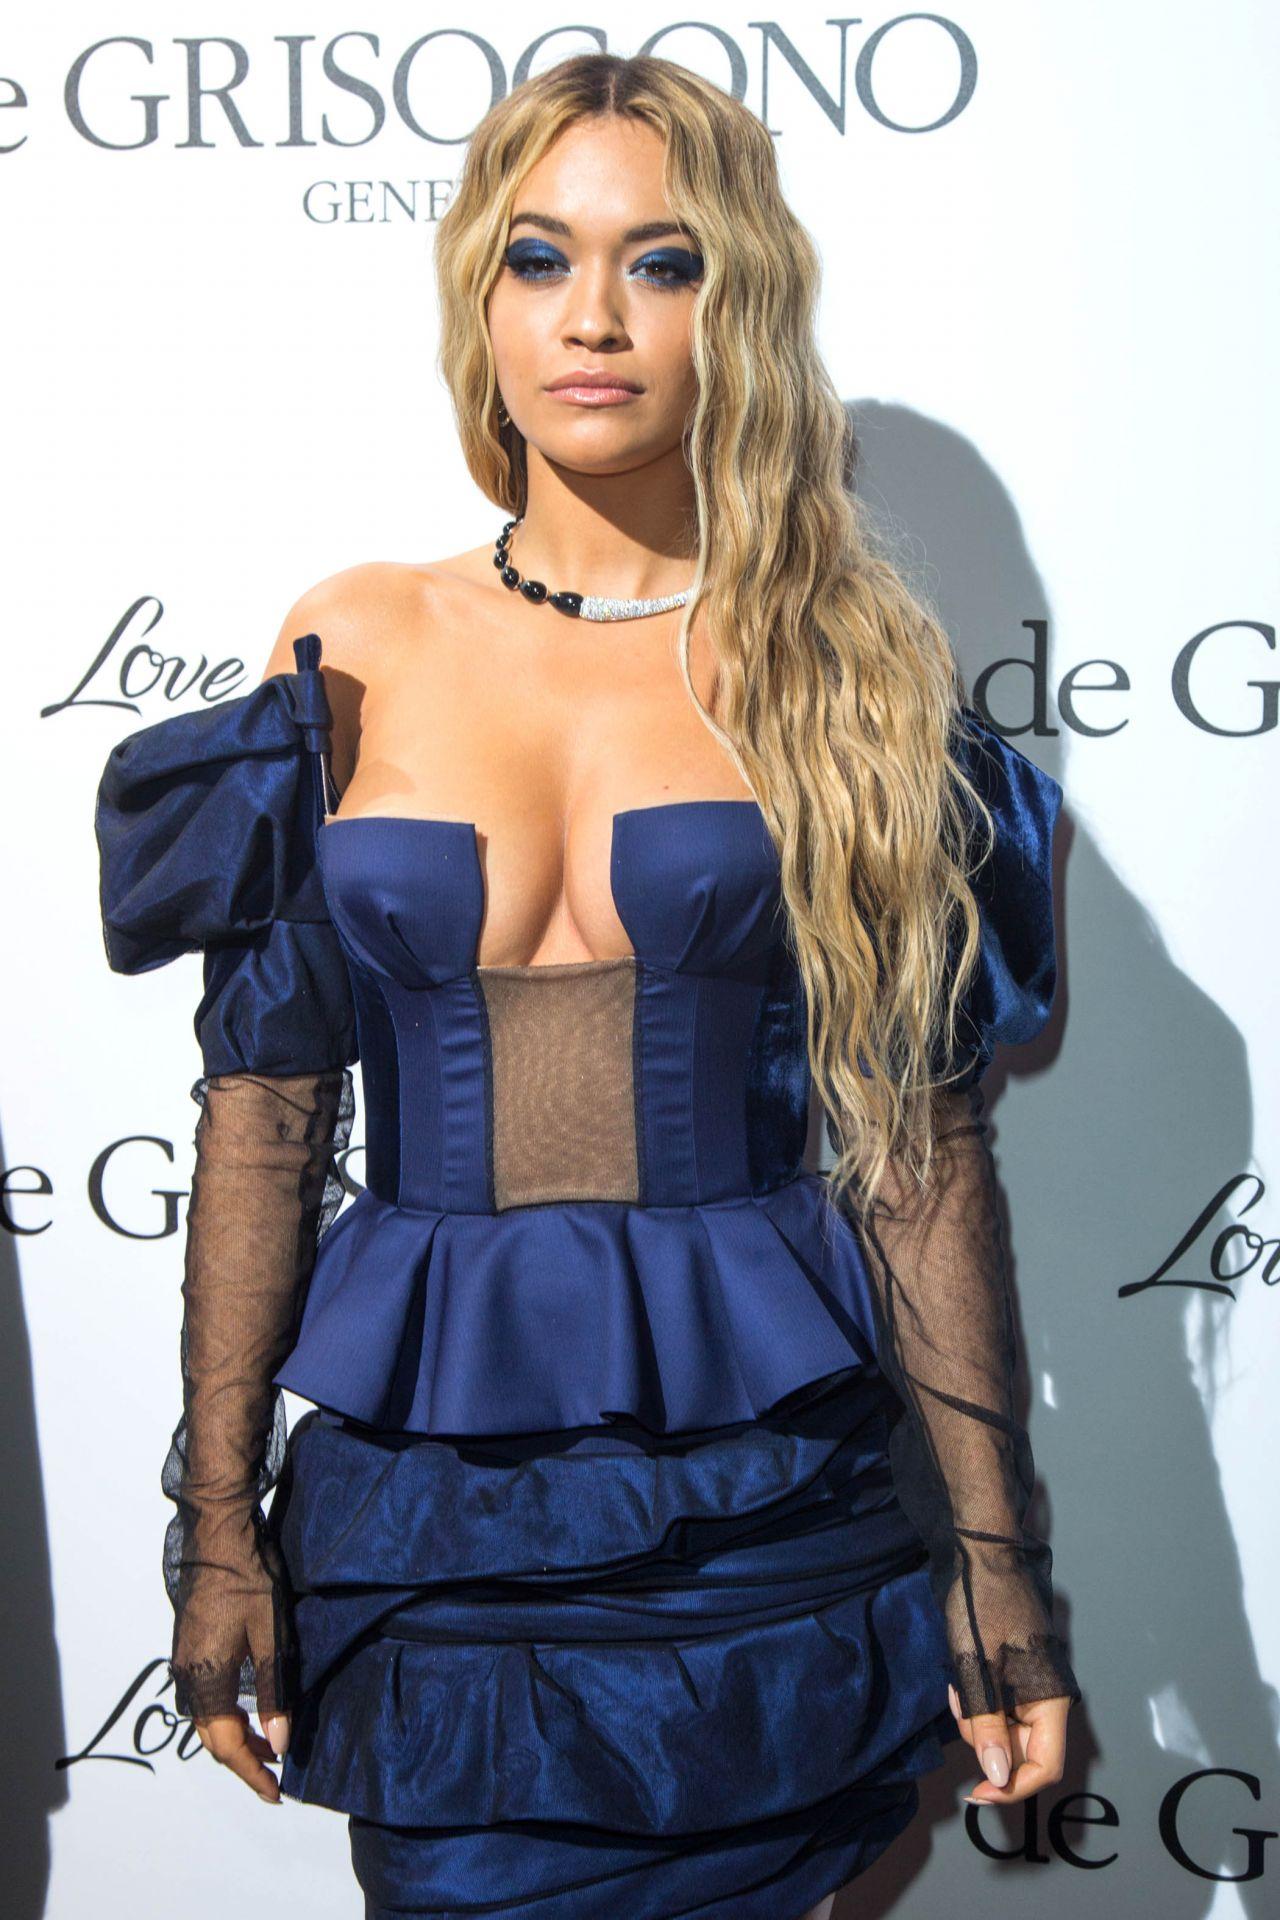 Rita Ora Fashion Shoot Photos: Rita Ora At De Grisogono Party